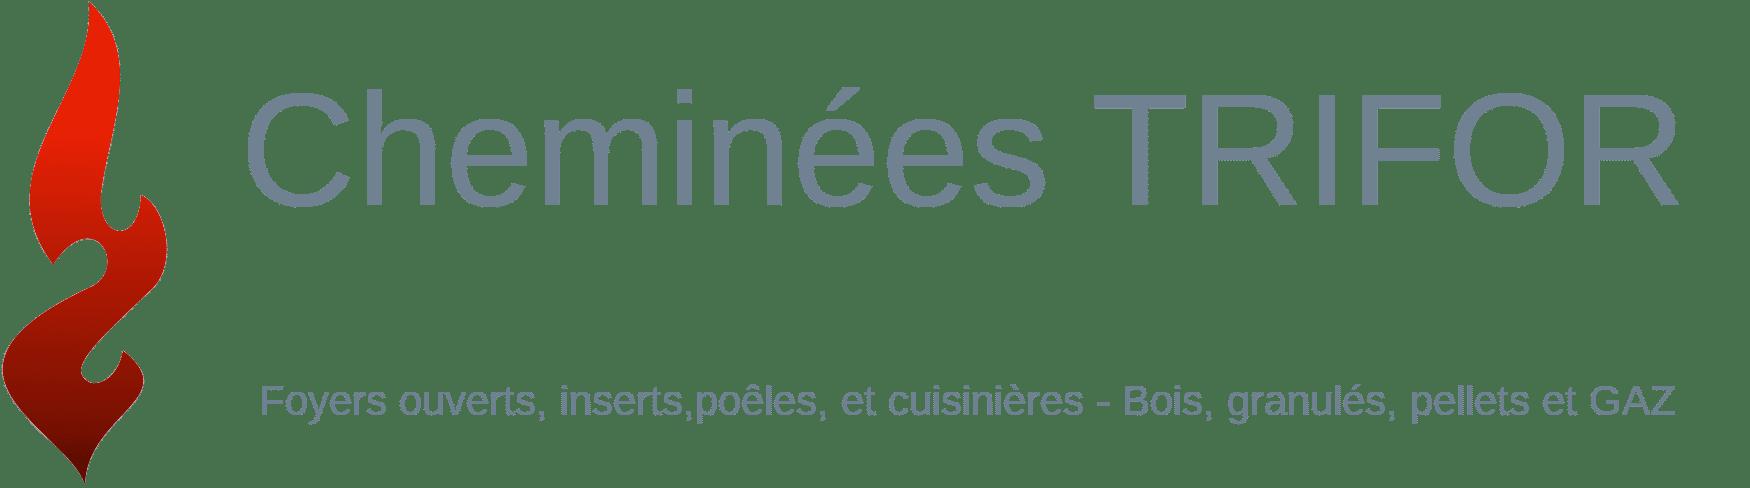 Logo cheminées TRIFOR